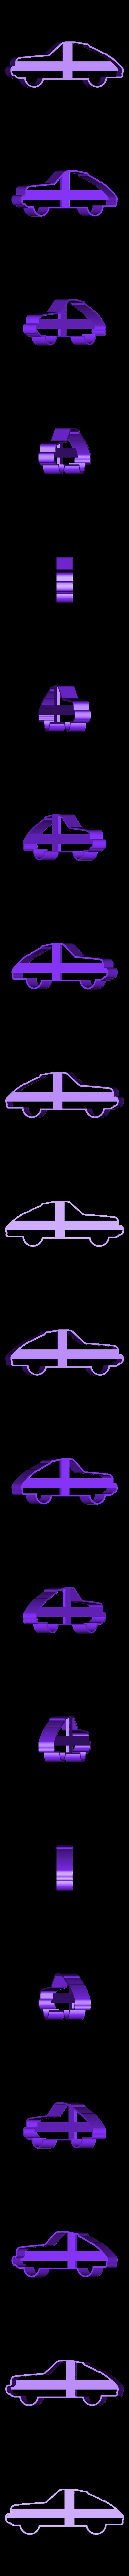 3D-01068-4.5IN NO DETAIL1 - PORSCHE 911.stl Descargar archivo STL Cortador de galletas Porsche 911 • Modelo para imprimir en 3D, 3DPrintersaur